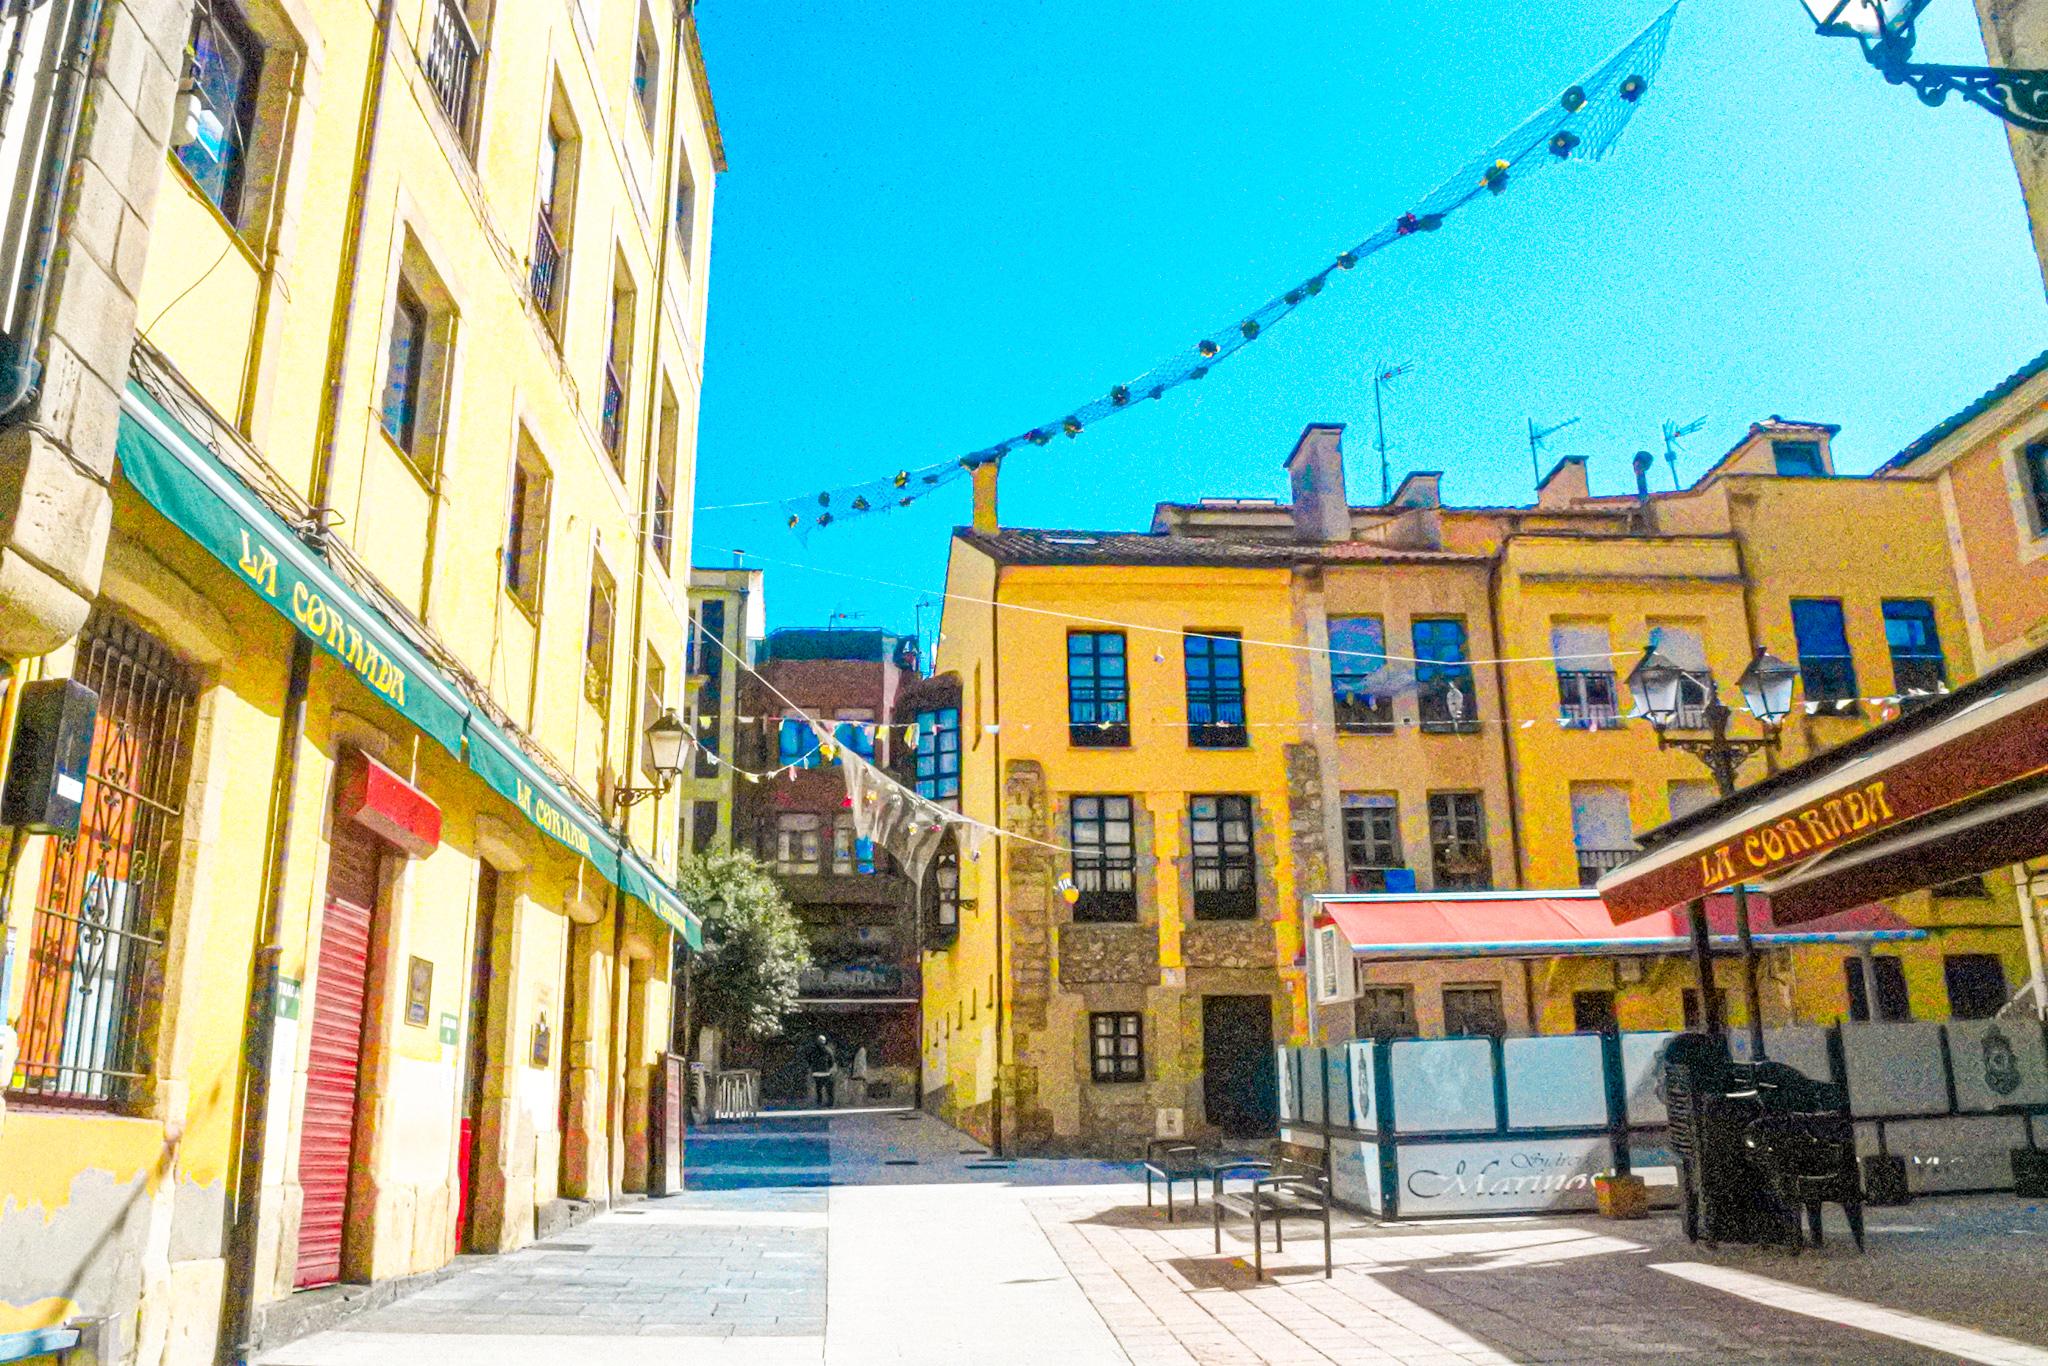 Qué ver en el barrio de Cimadevilla de Gijón: la Plaza de la Corrada